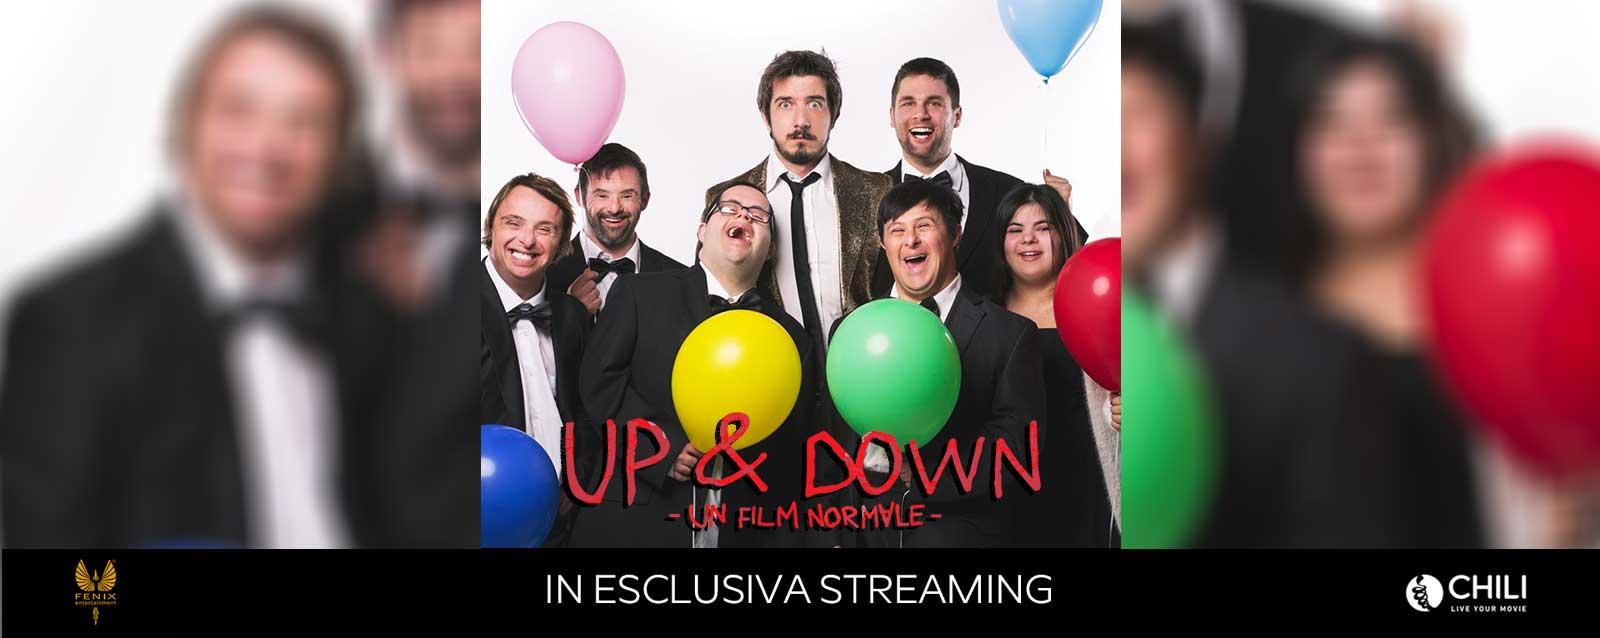 Up&Down di Paolo Ruffini Disponibile su Chili